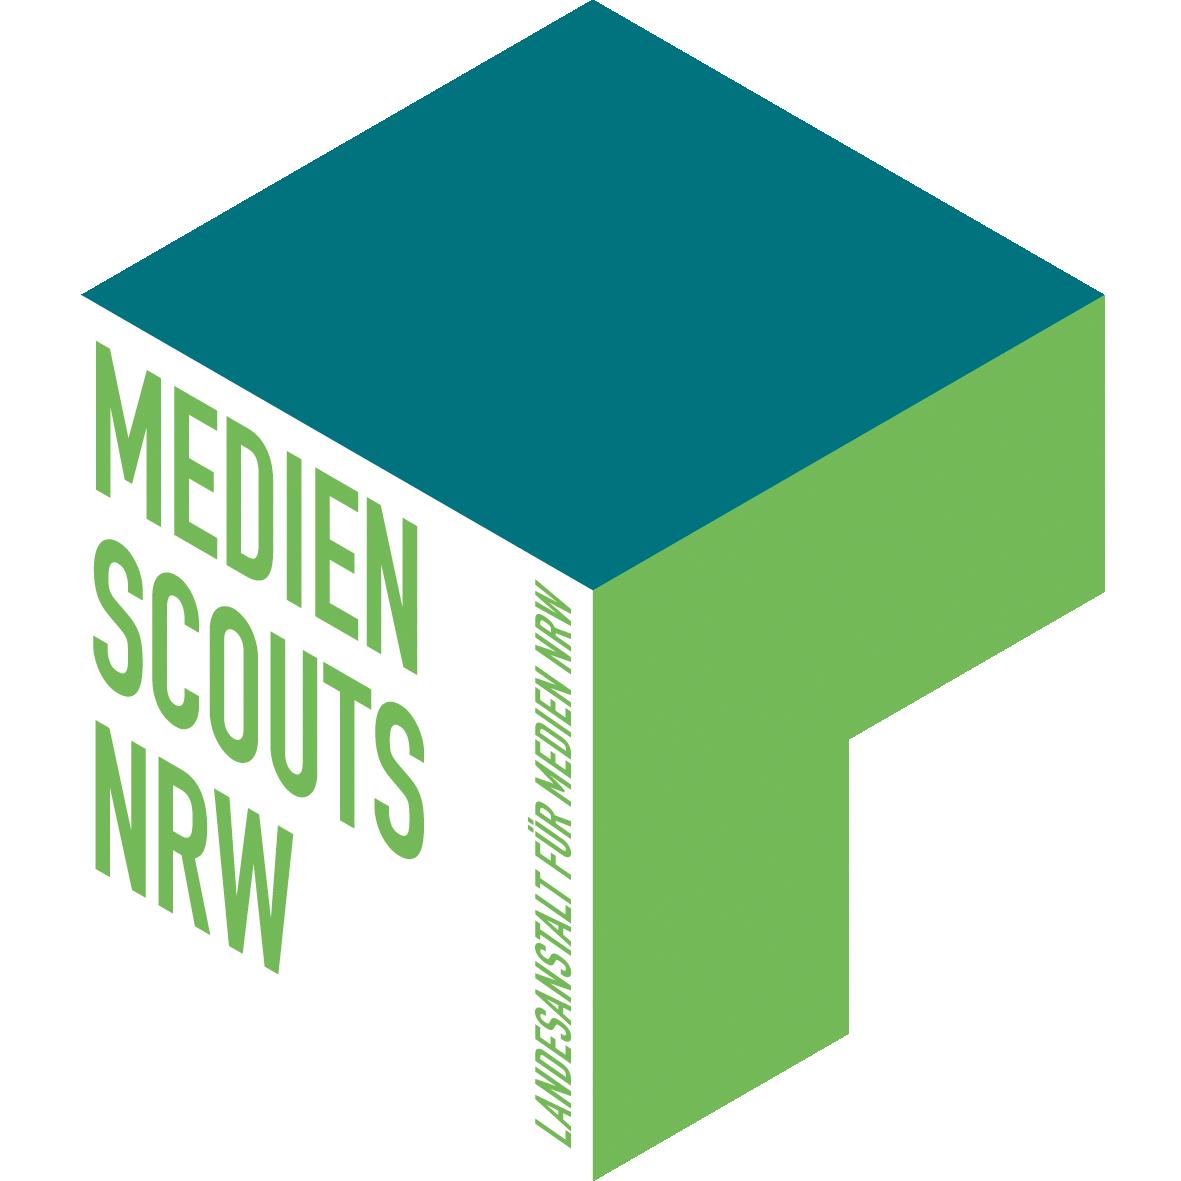 Logo-Medienscouts